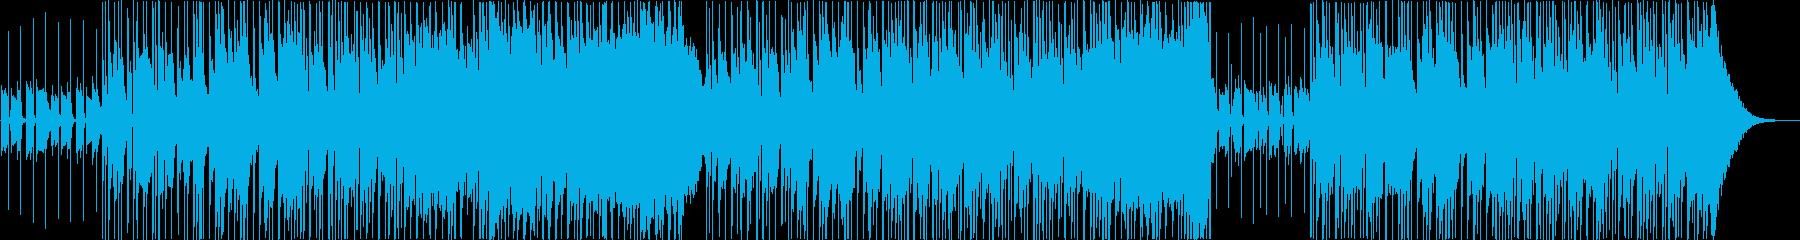 オルタナティブロックインストゥルメ...の再生済みの波形